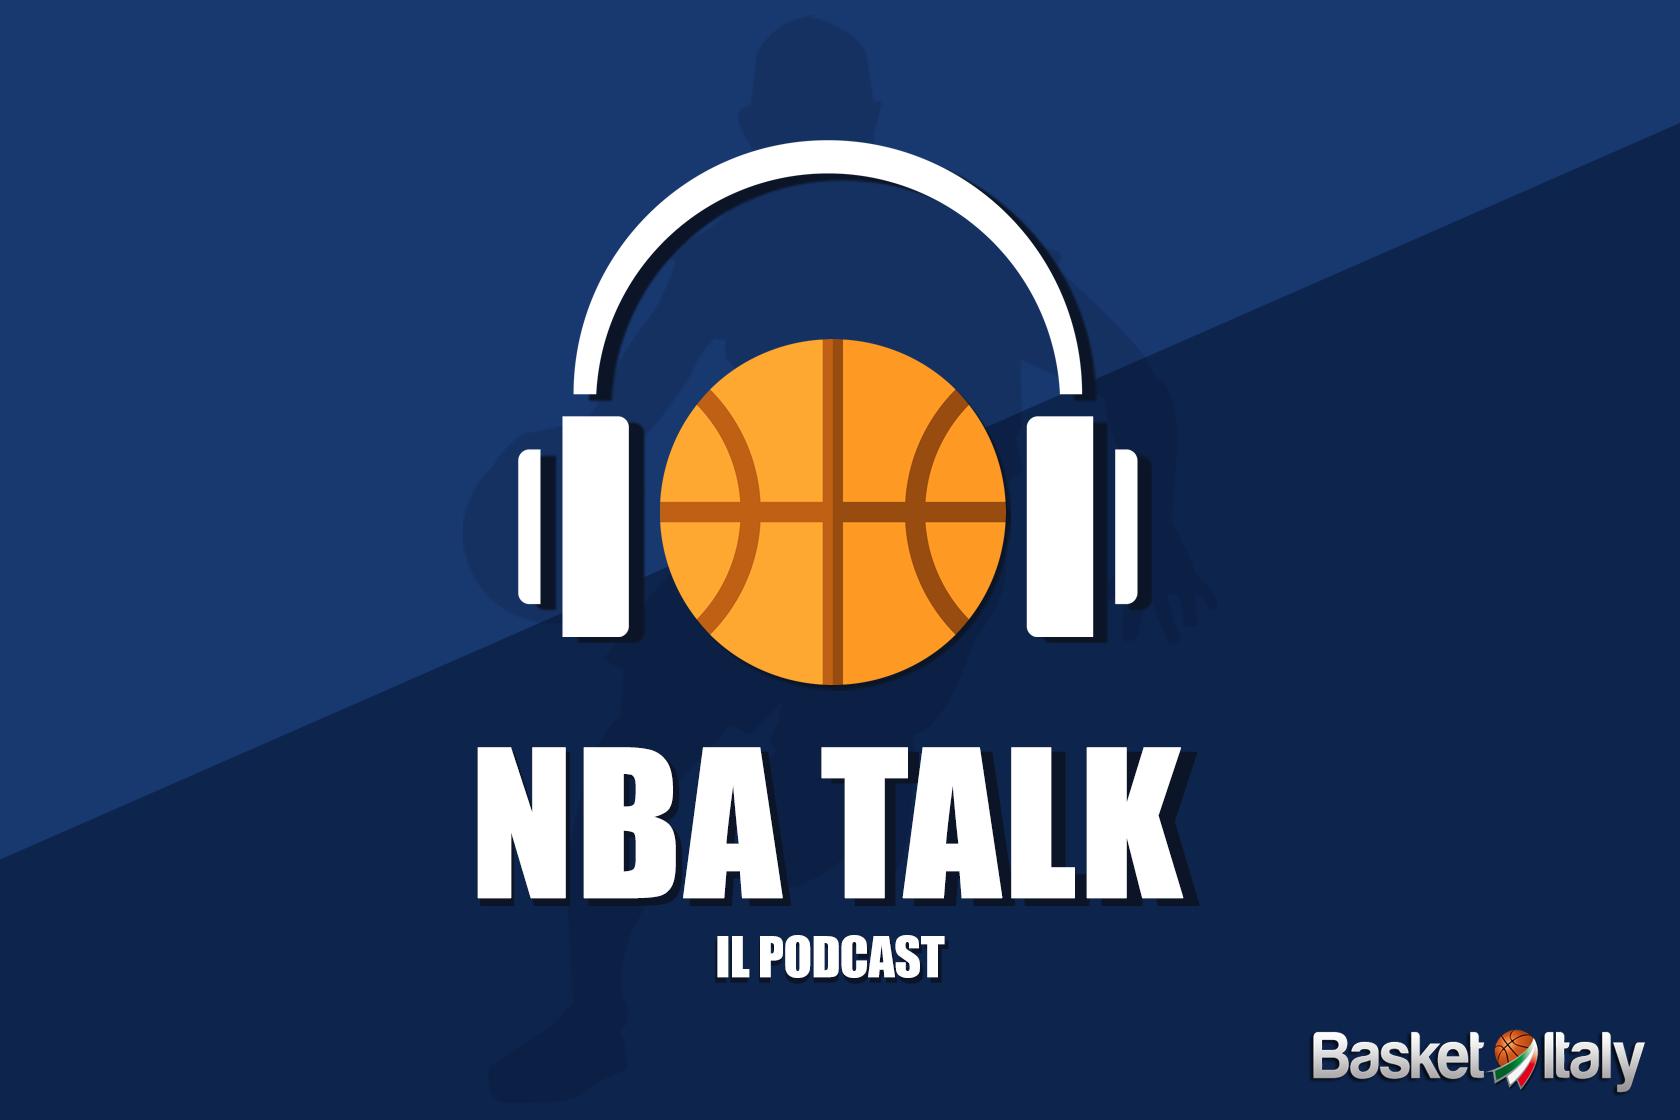 NBA Talk - Il Podcast sulla NBA